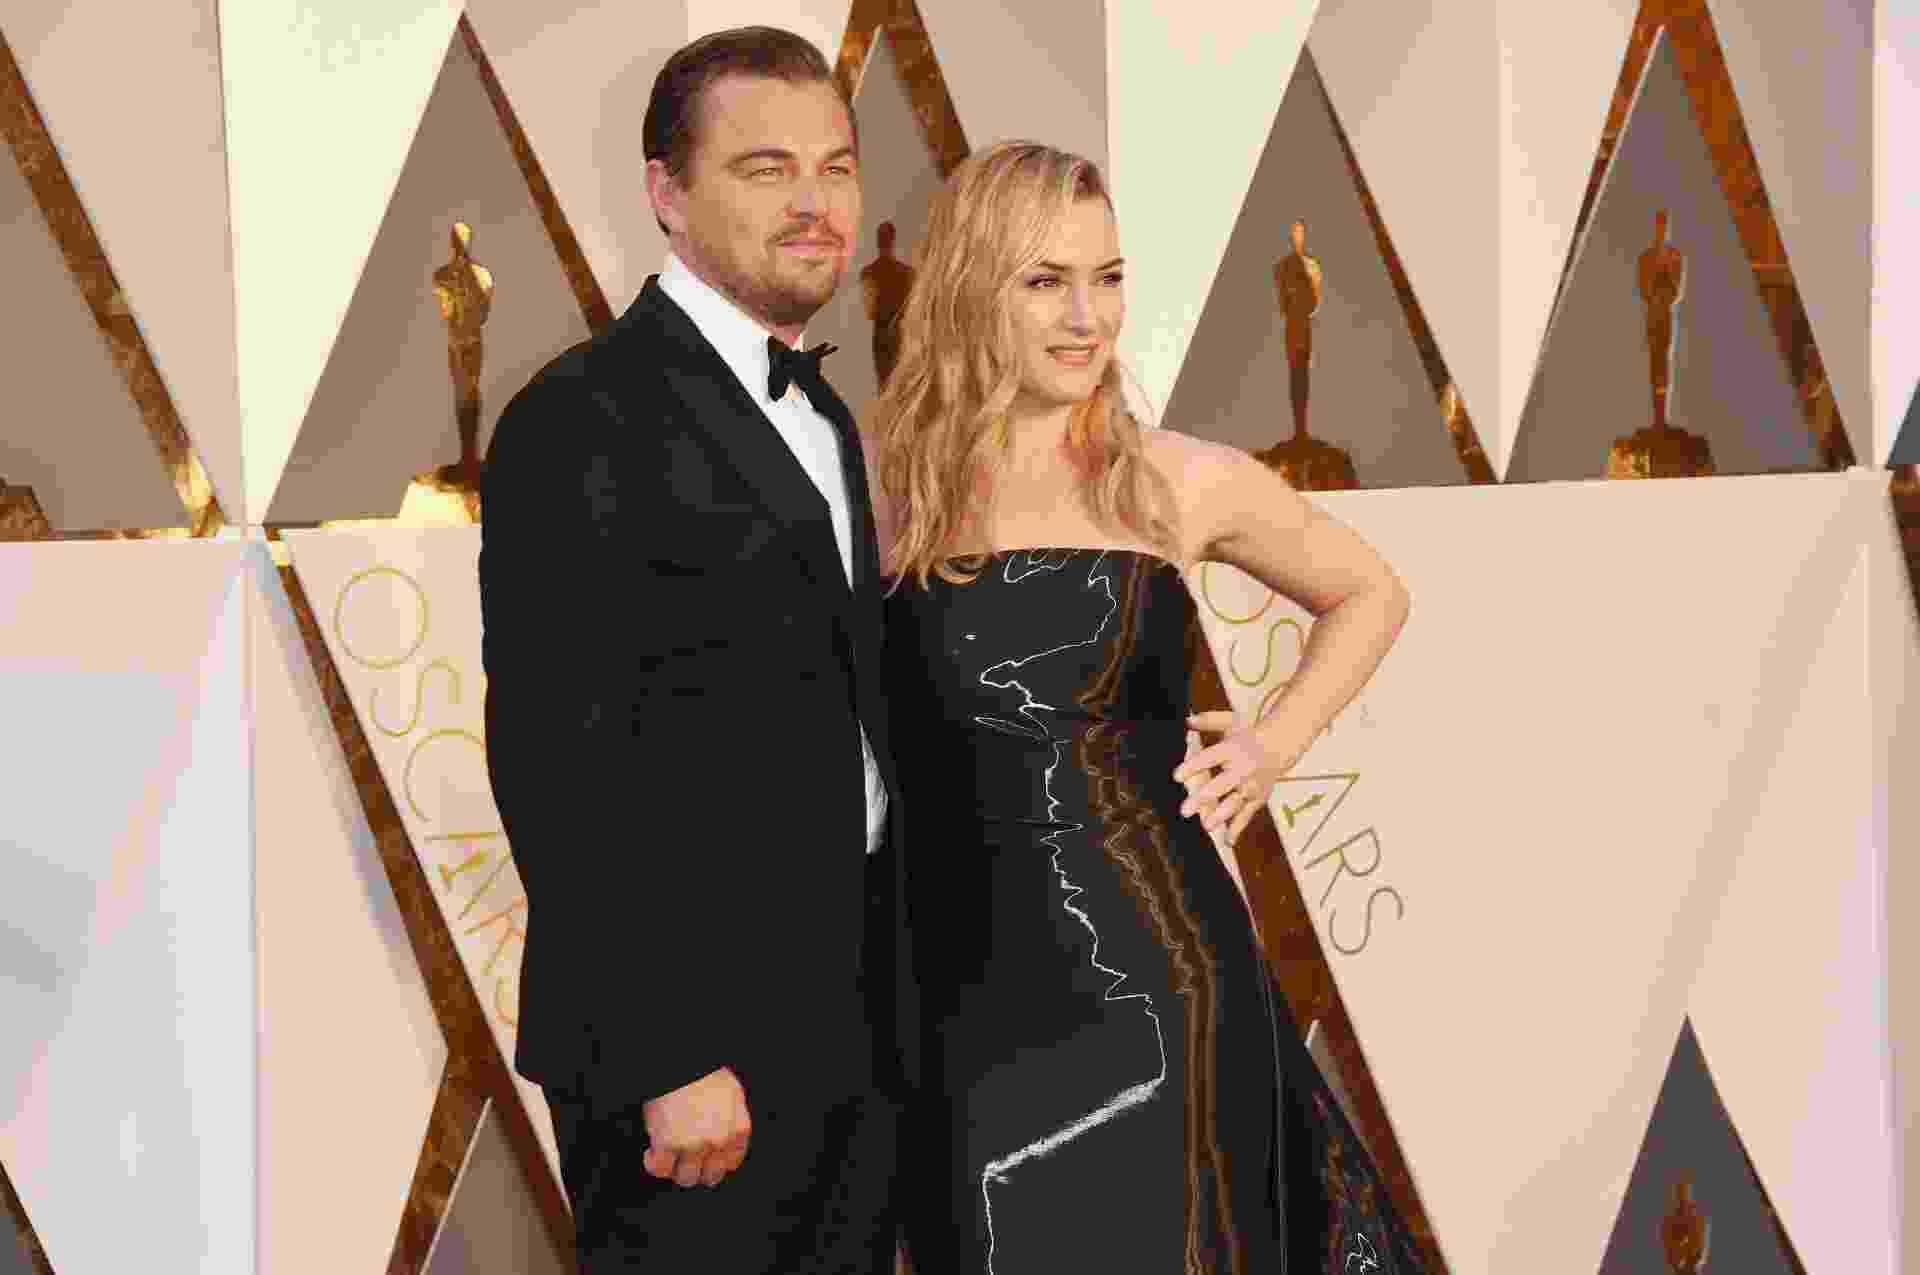 28.fev.2016 - Leonardo DiCaprio posa com Kate Winslet no tapete vermelho do Oscar 2016 - Jason Merritt/Getty Images